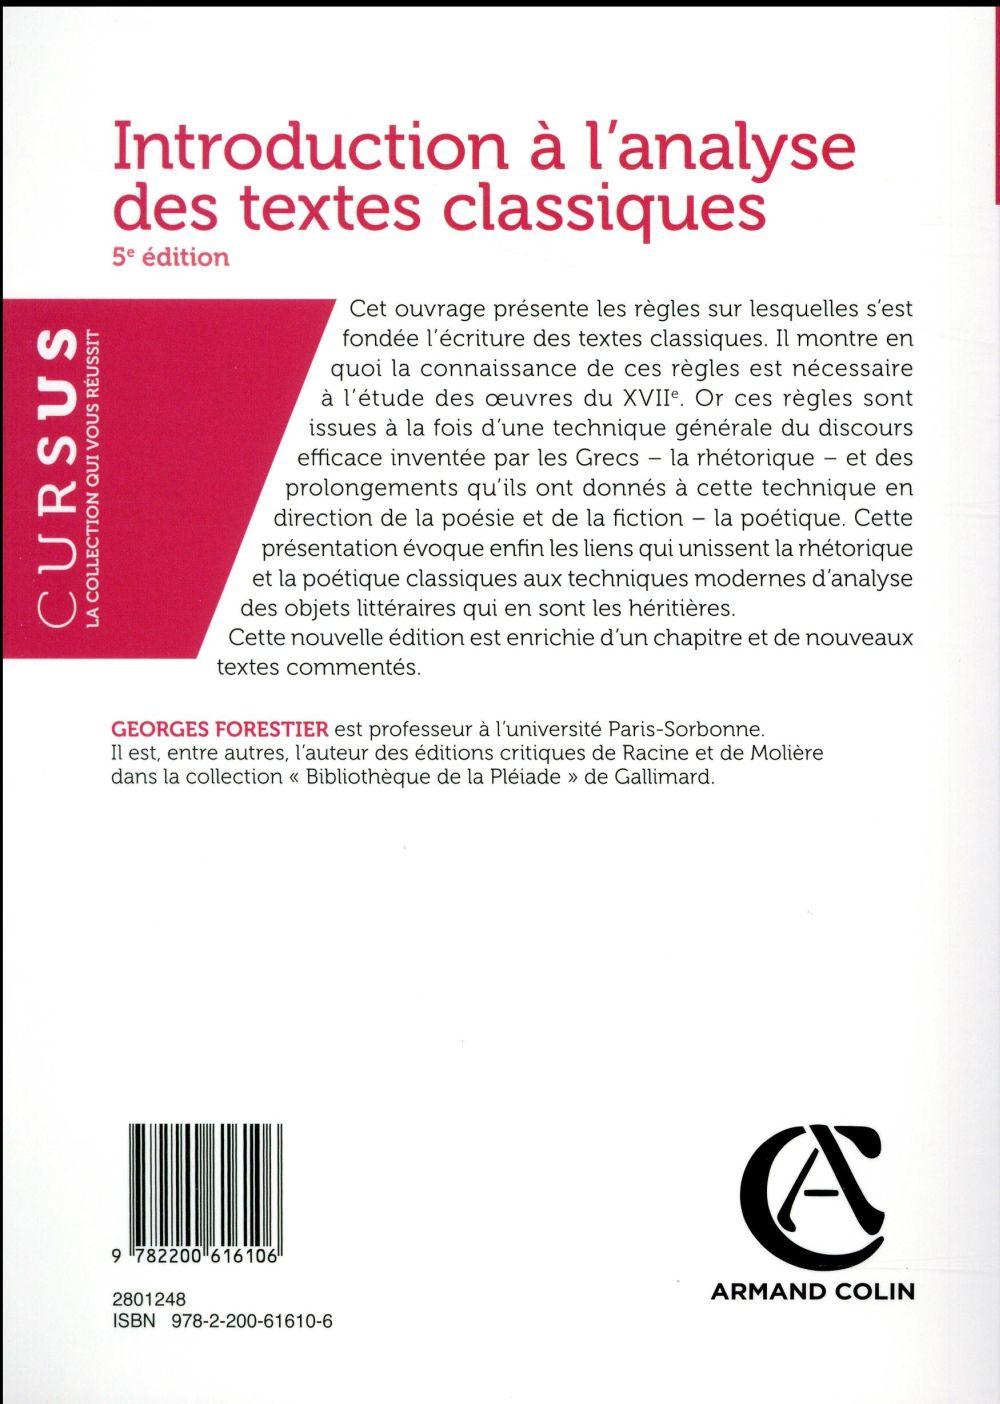 Introduction à l'analyse des textes classiques (5e édition)